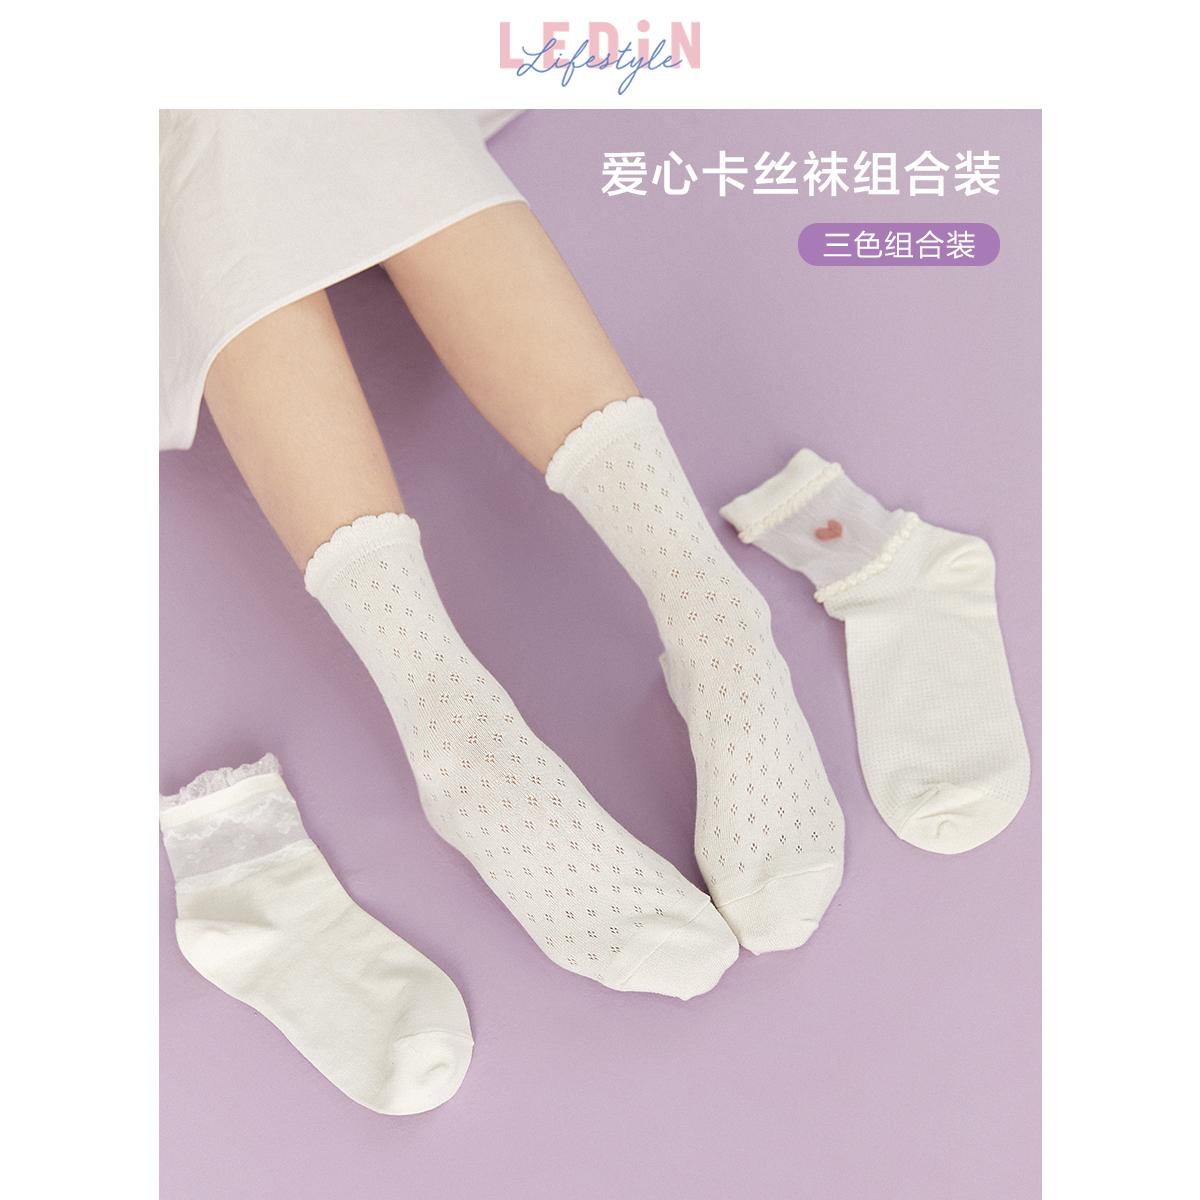 乐町爱心卡丝袜女2021夏新款可爱花边袜子透气中筒袜3只组合装